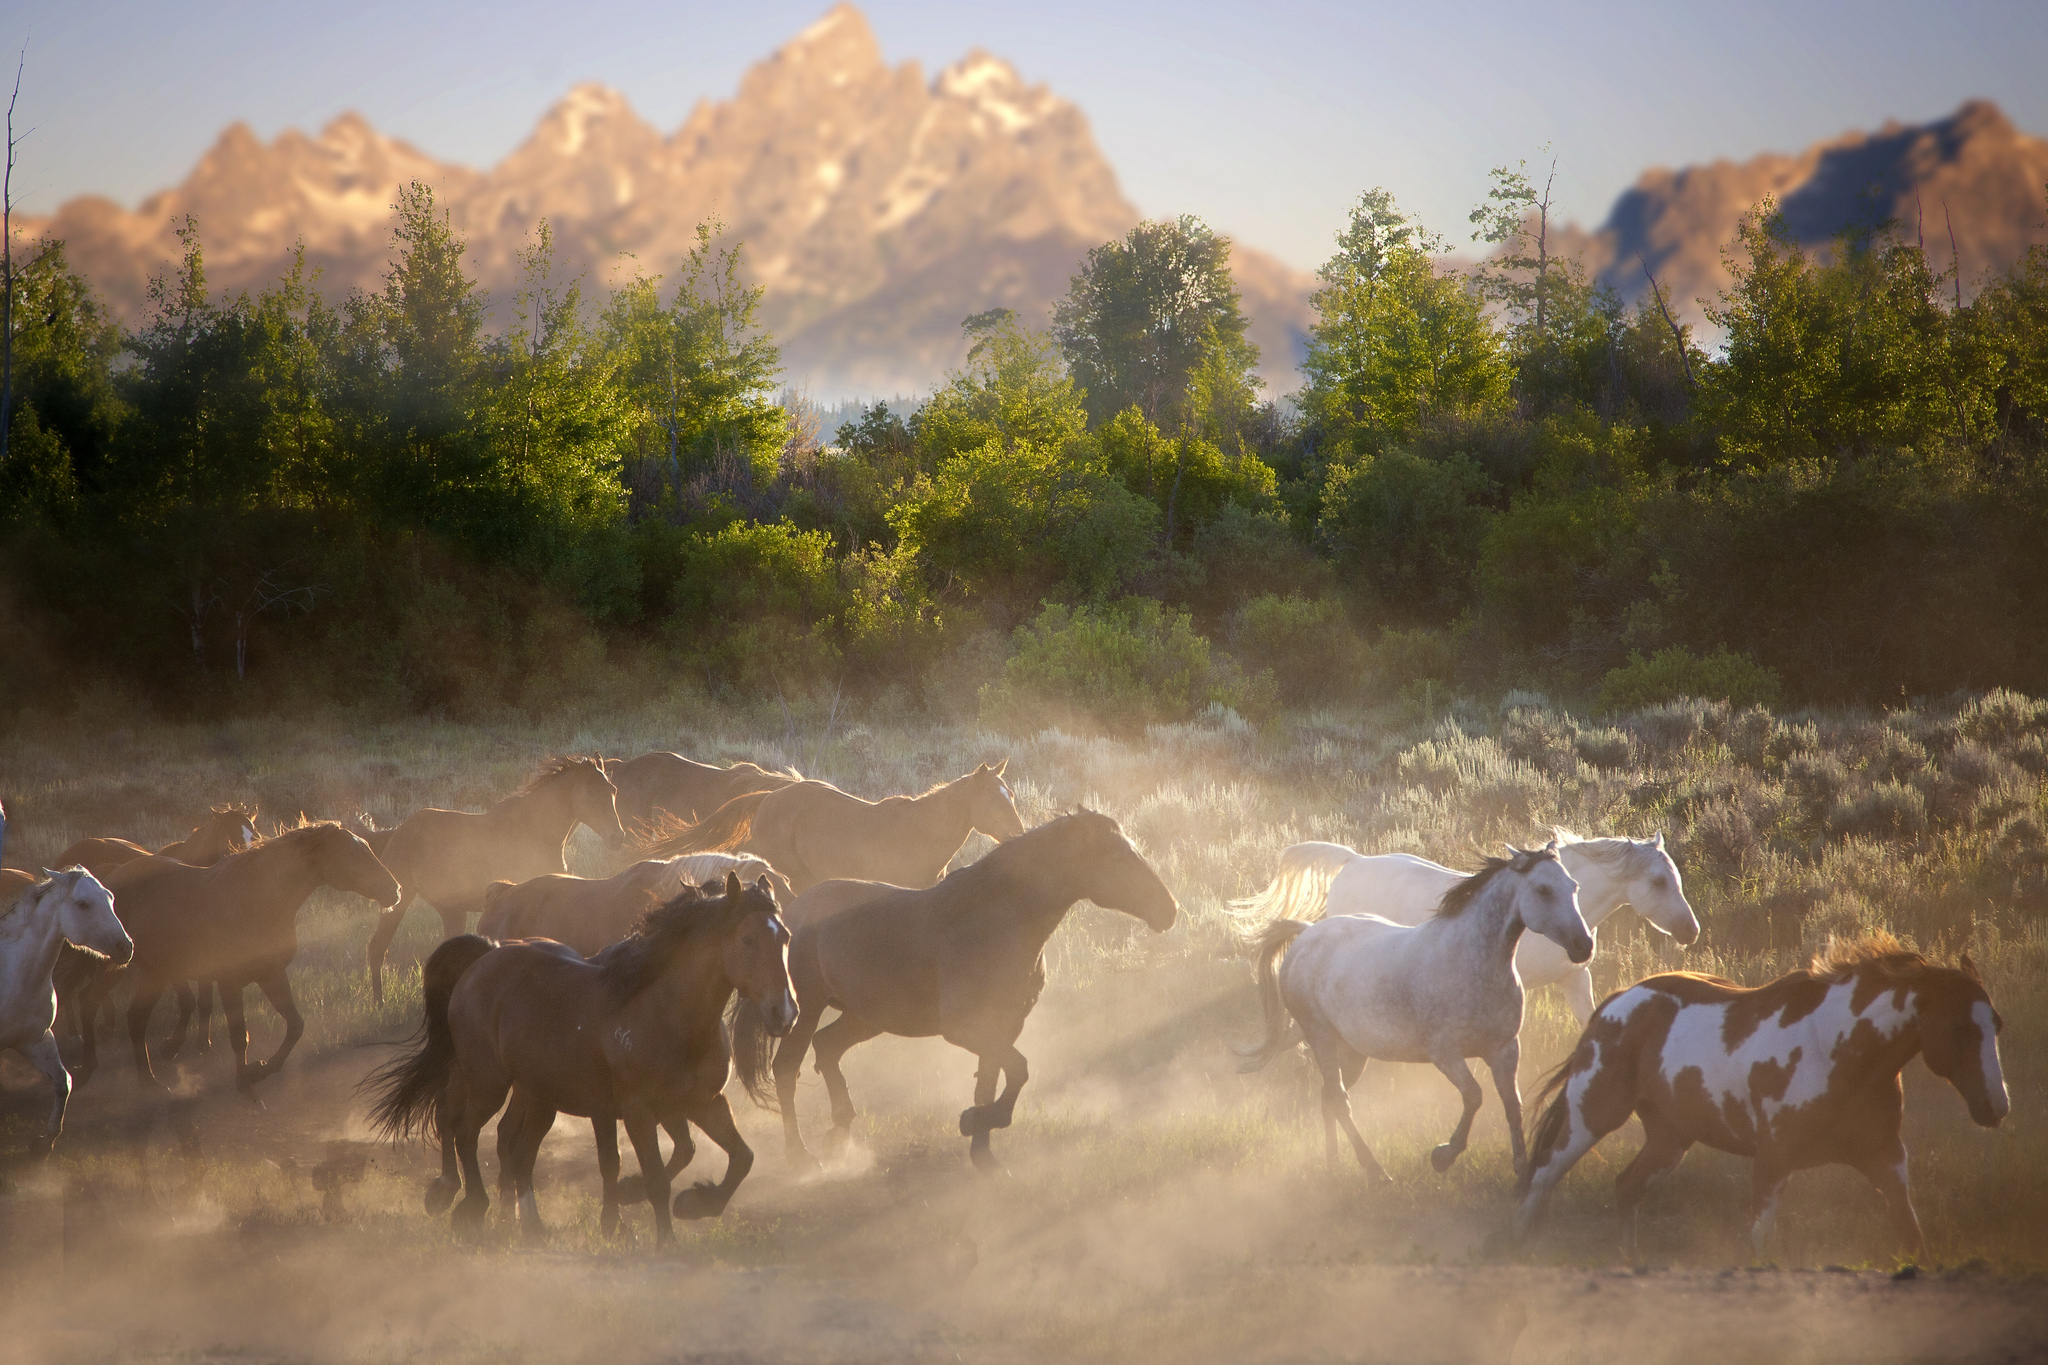 рисунок графика лошадь природа животные figure graphics horse nature animals  № 3925616 бесплатно